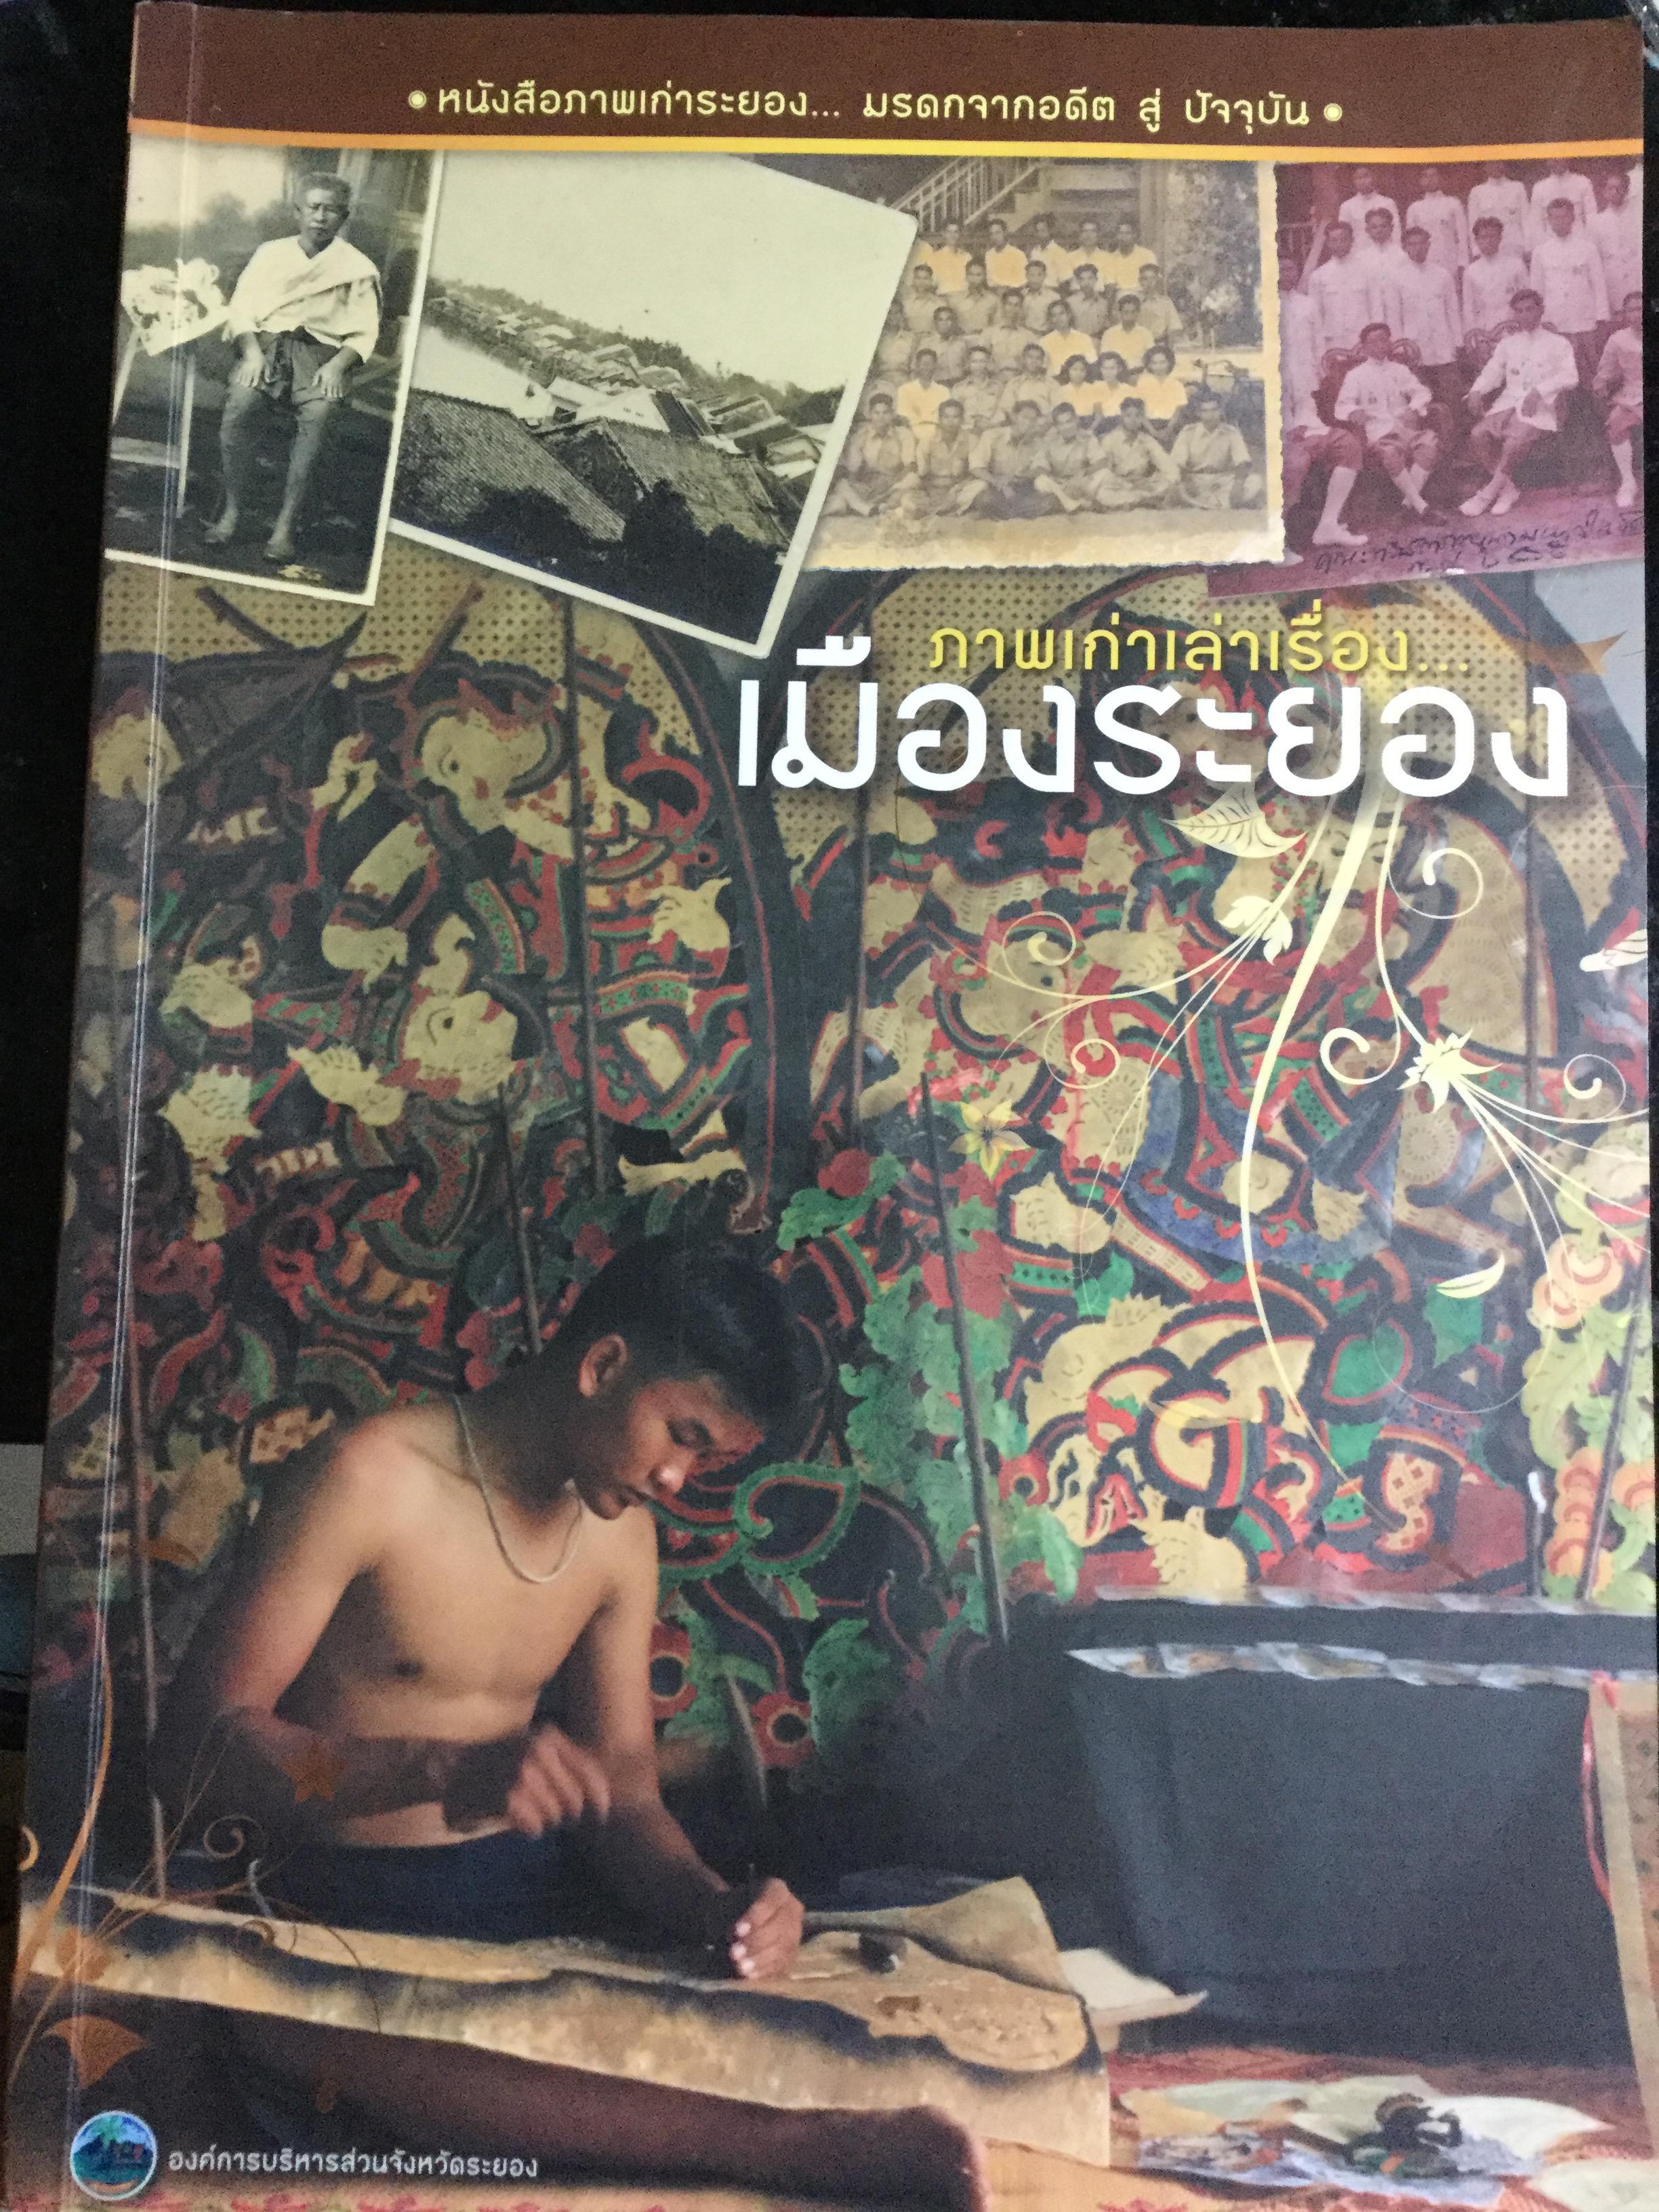 ภาพเก่าเล่าเรื่องเมืองระยอง. หนังสือภาพเก่าระยอง มรดกจากอดีต สู่ปัจจุบัน.